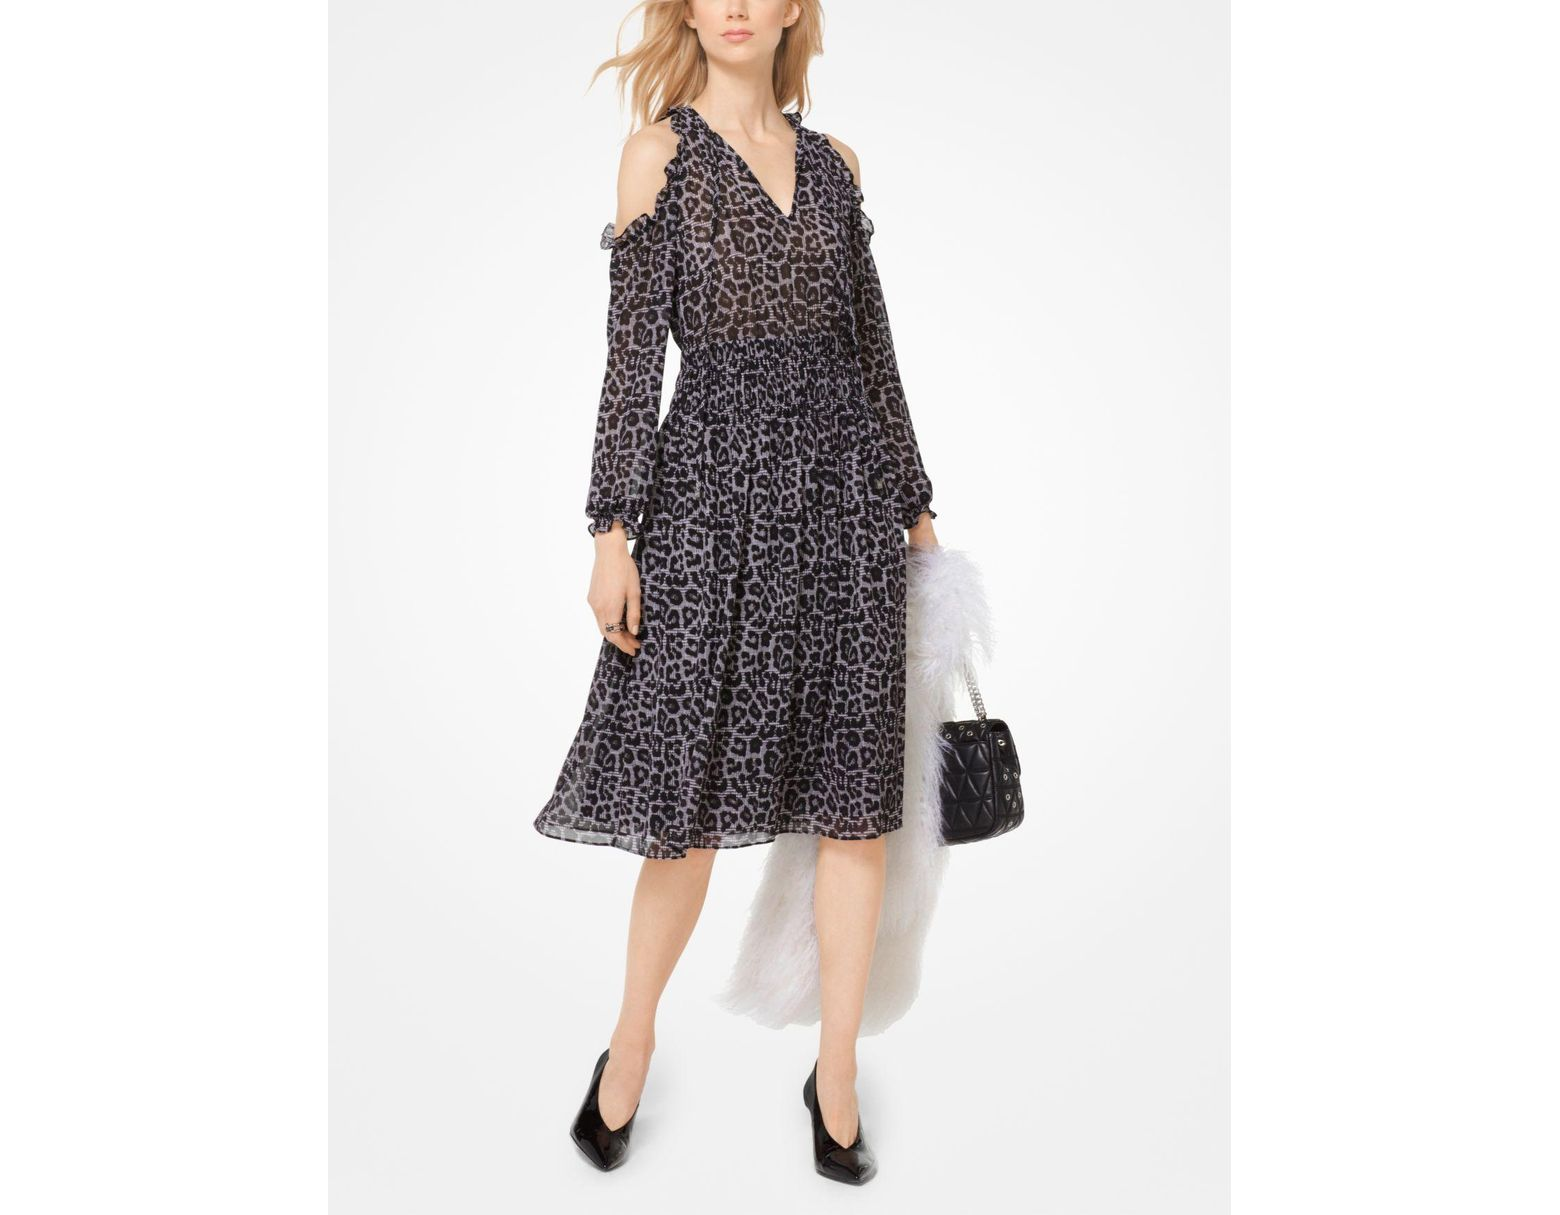 72b278b53a7d MICHAEL Michael Kors Leopard And Plaid Peekaboo Dress in Black - Lyst